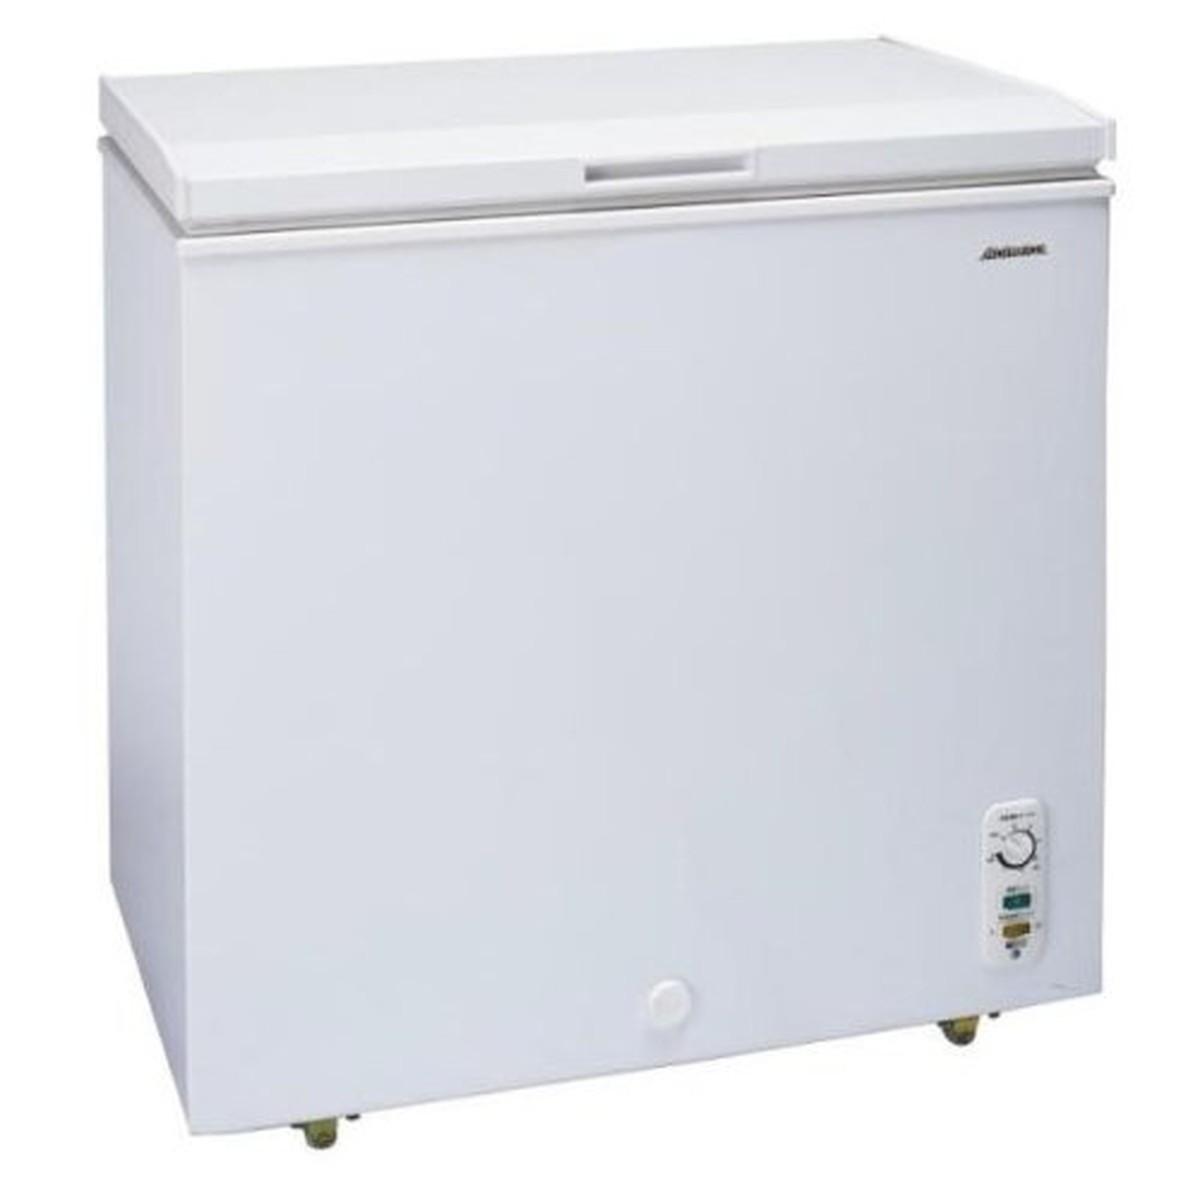 【エントリーでポイント10倍!!】アビテラックス 102L チェストタイプ 冷凍庫(フリーザー)直冷式 ホワイトAbitelax ACF-102C